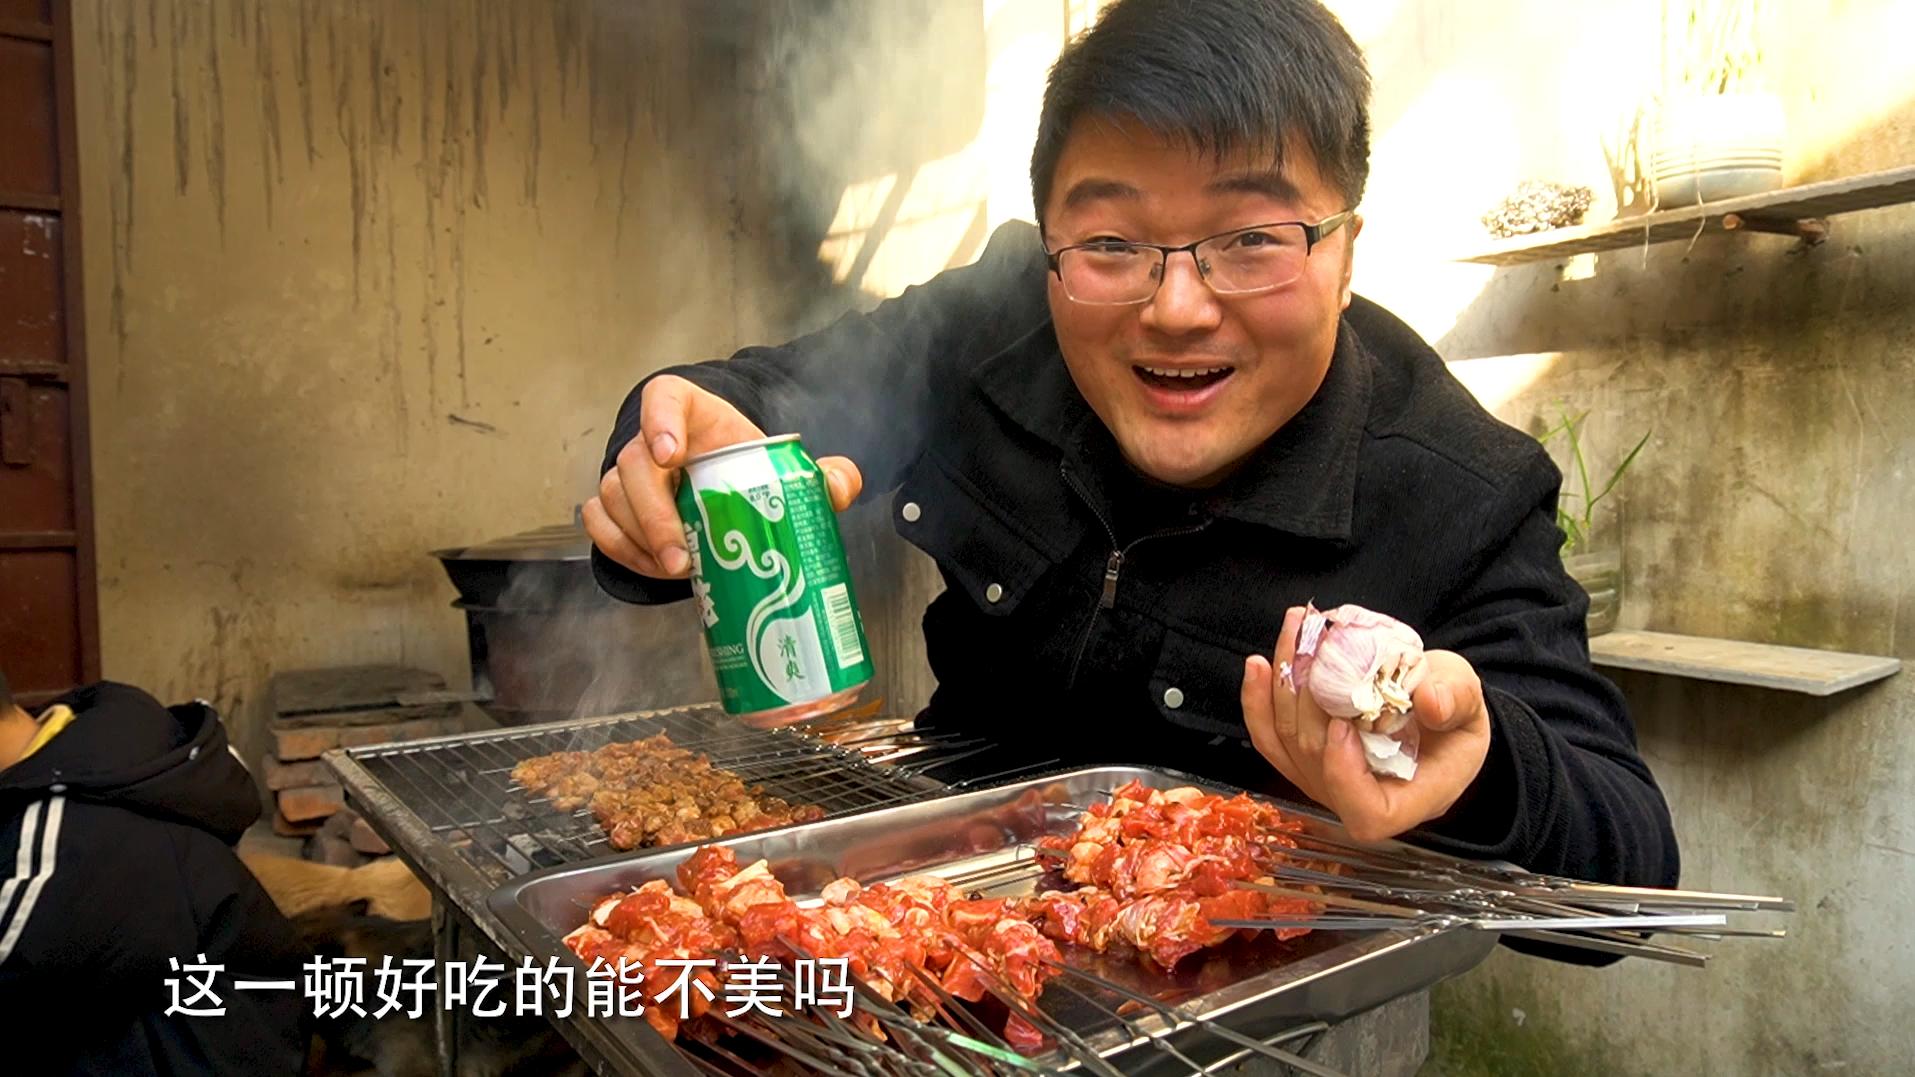 一串肉四掰蒜,小院烧烤三斤羊肉,啤酒配大蒜,好吃到停不下来